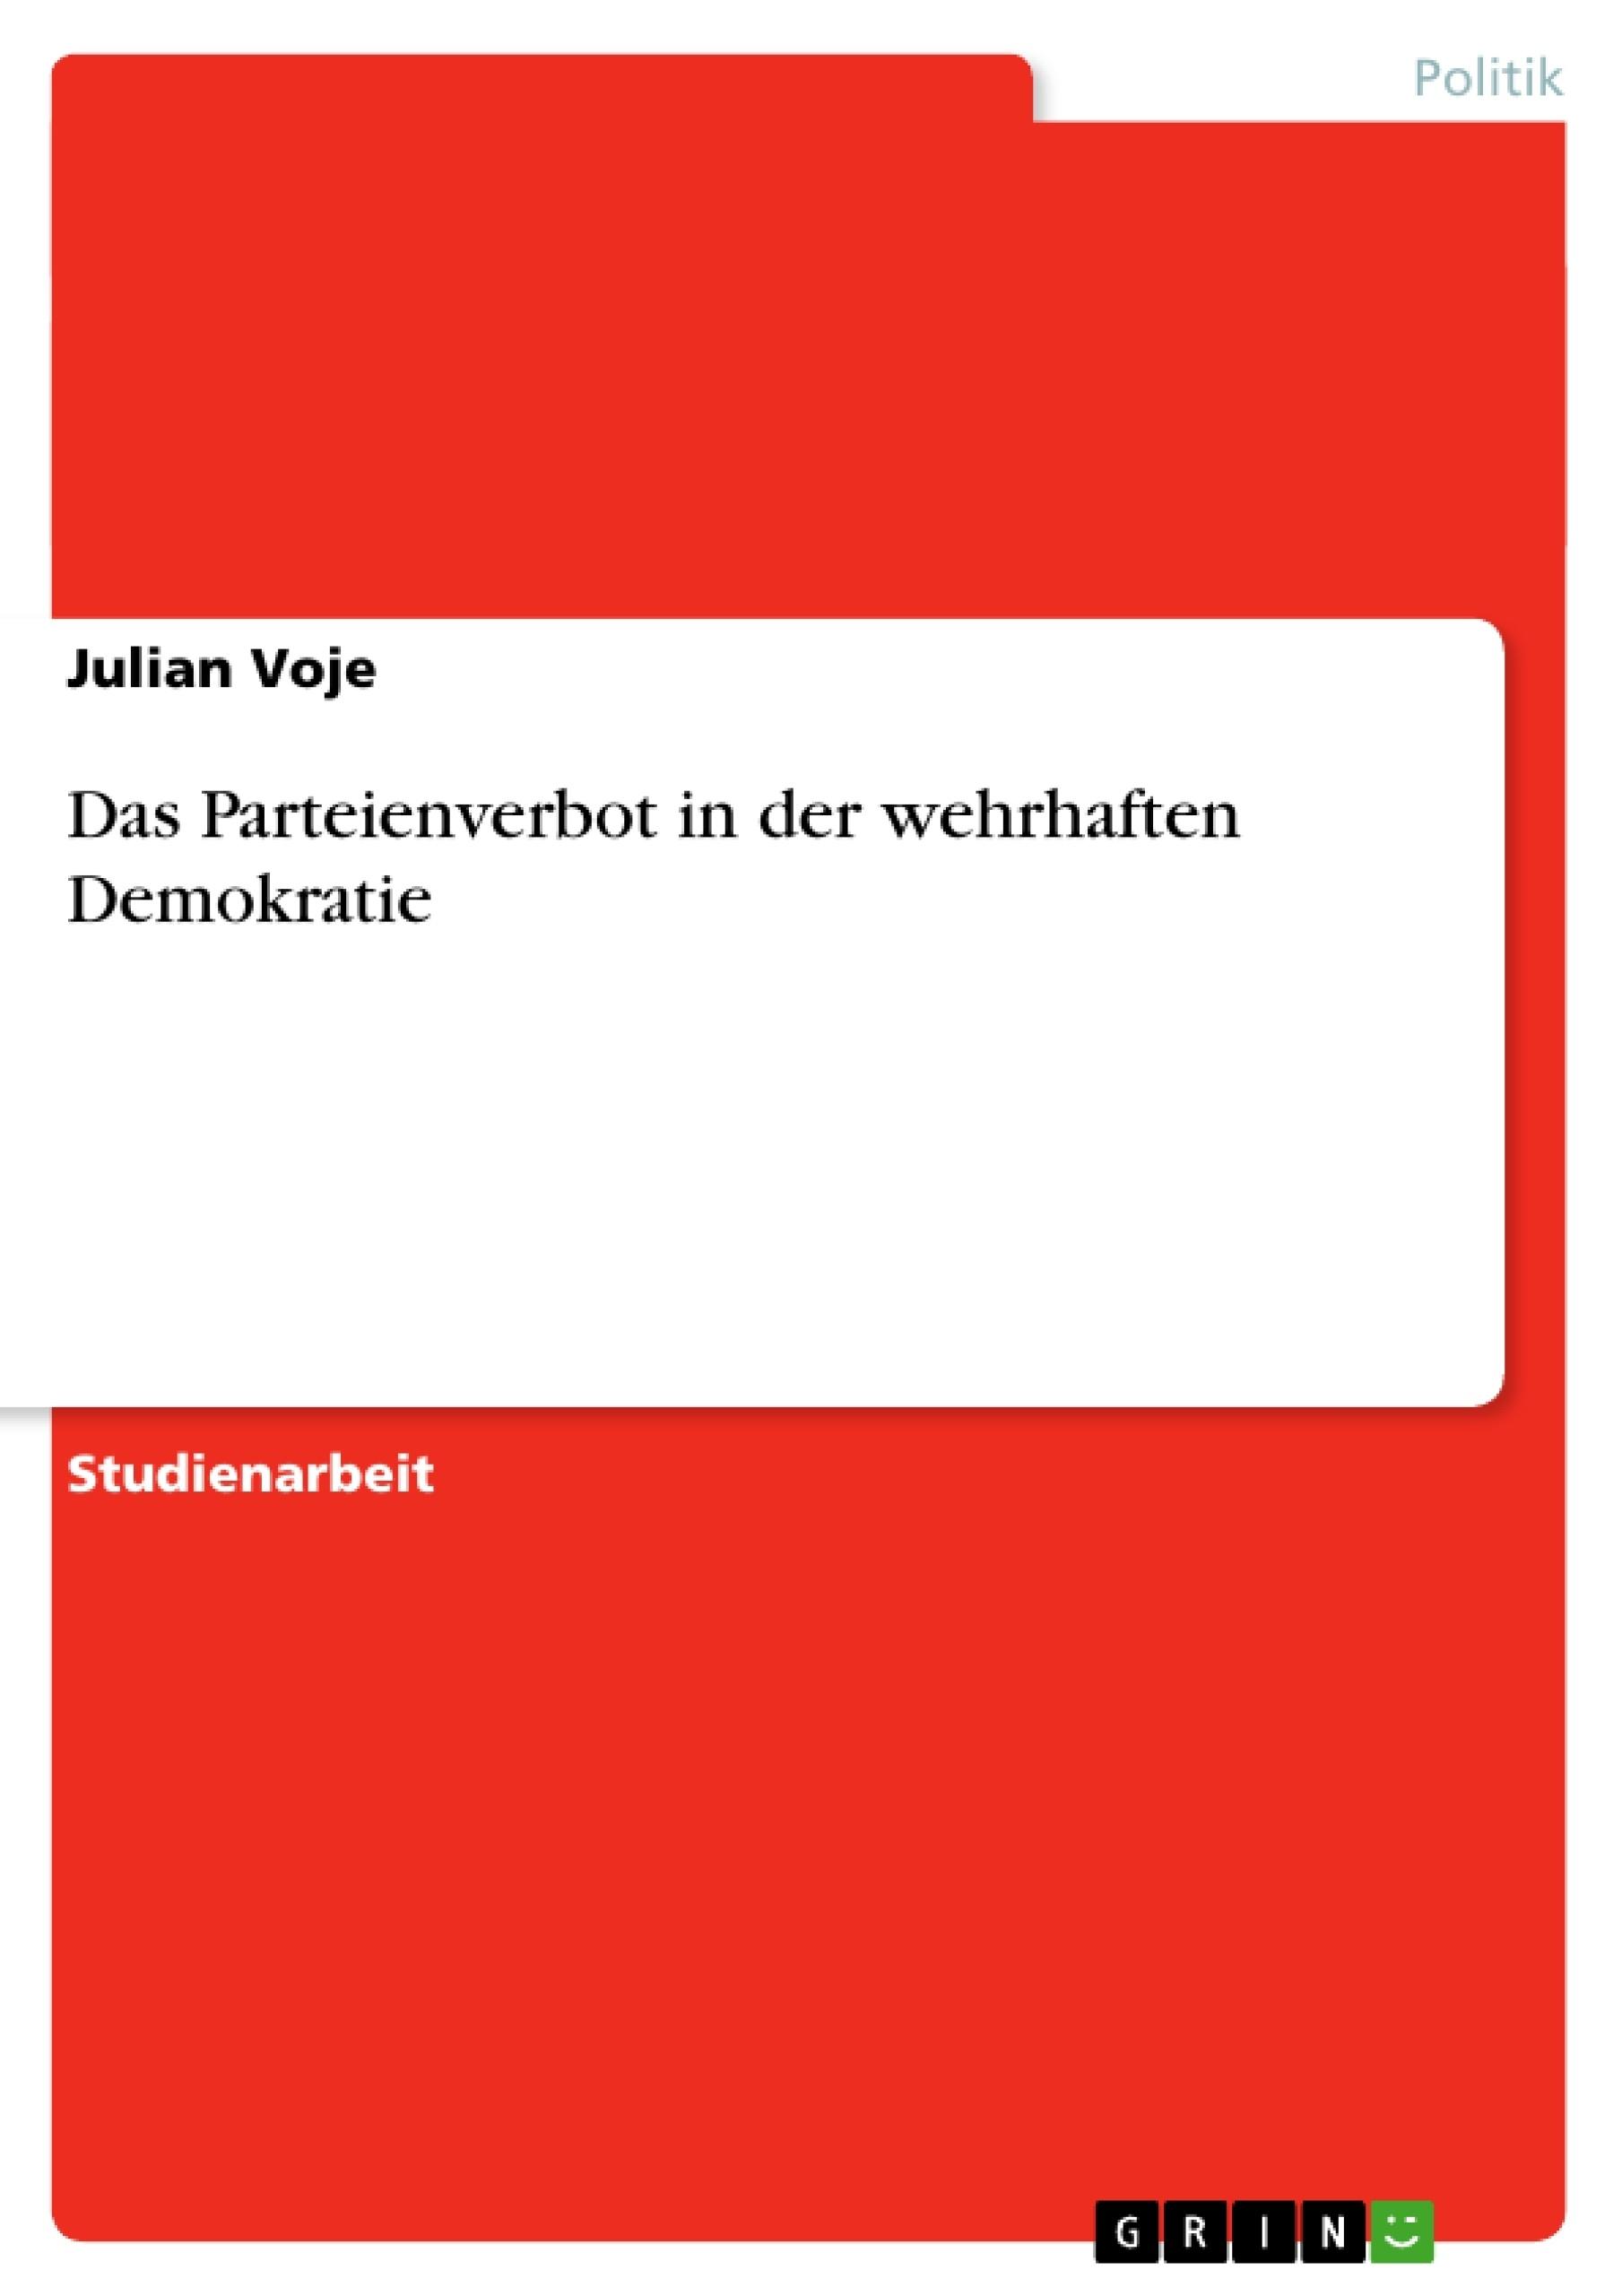 Titel: Das Parteienverbot in der wehrhaften Demokratie